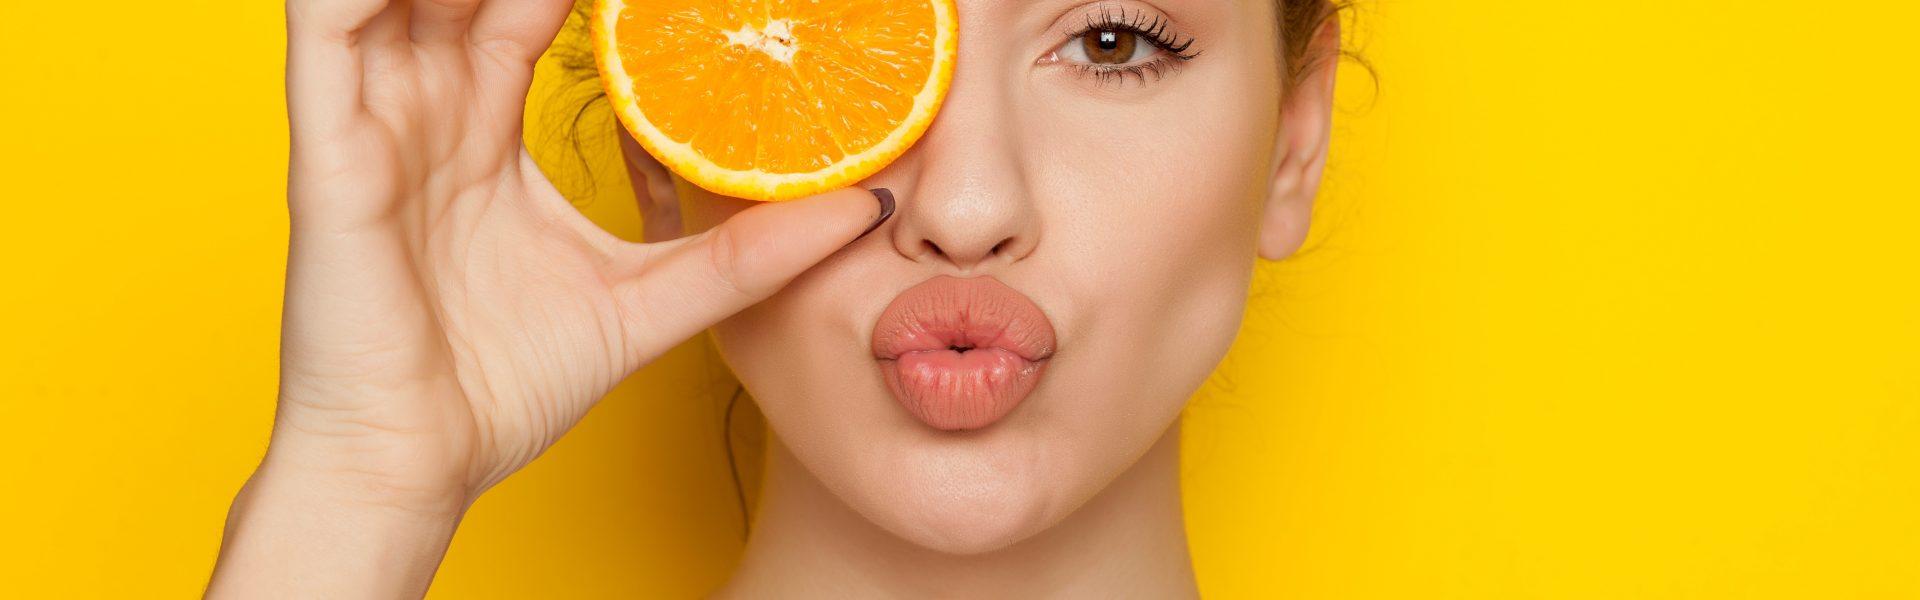 10 výjimečných: ovoce a zelenina, kteří předčí pomeranč!